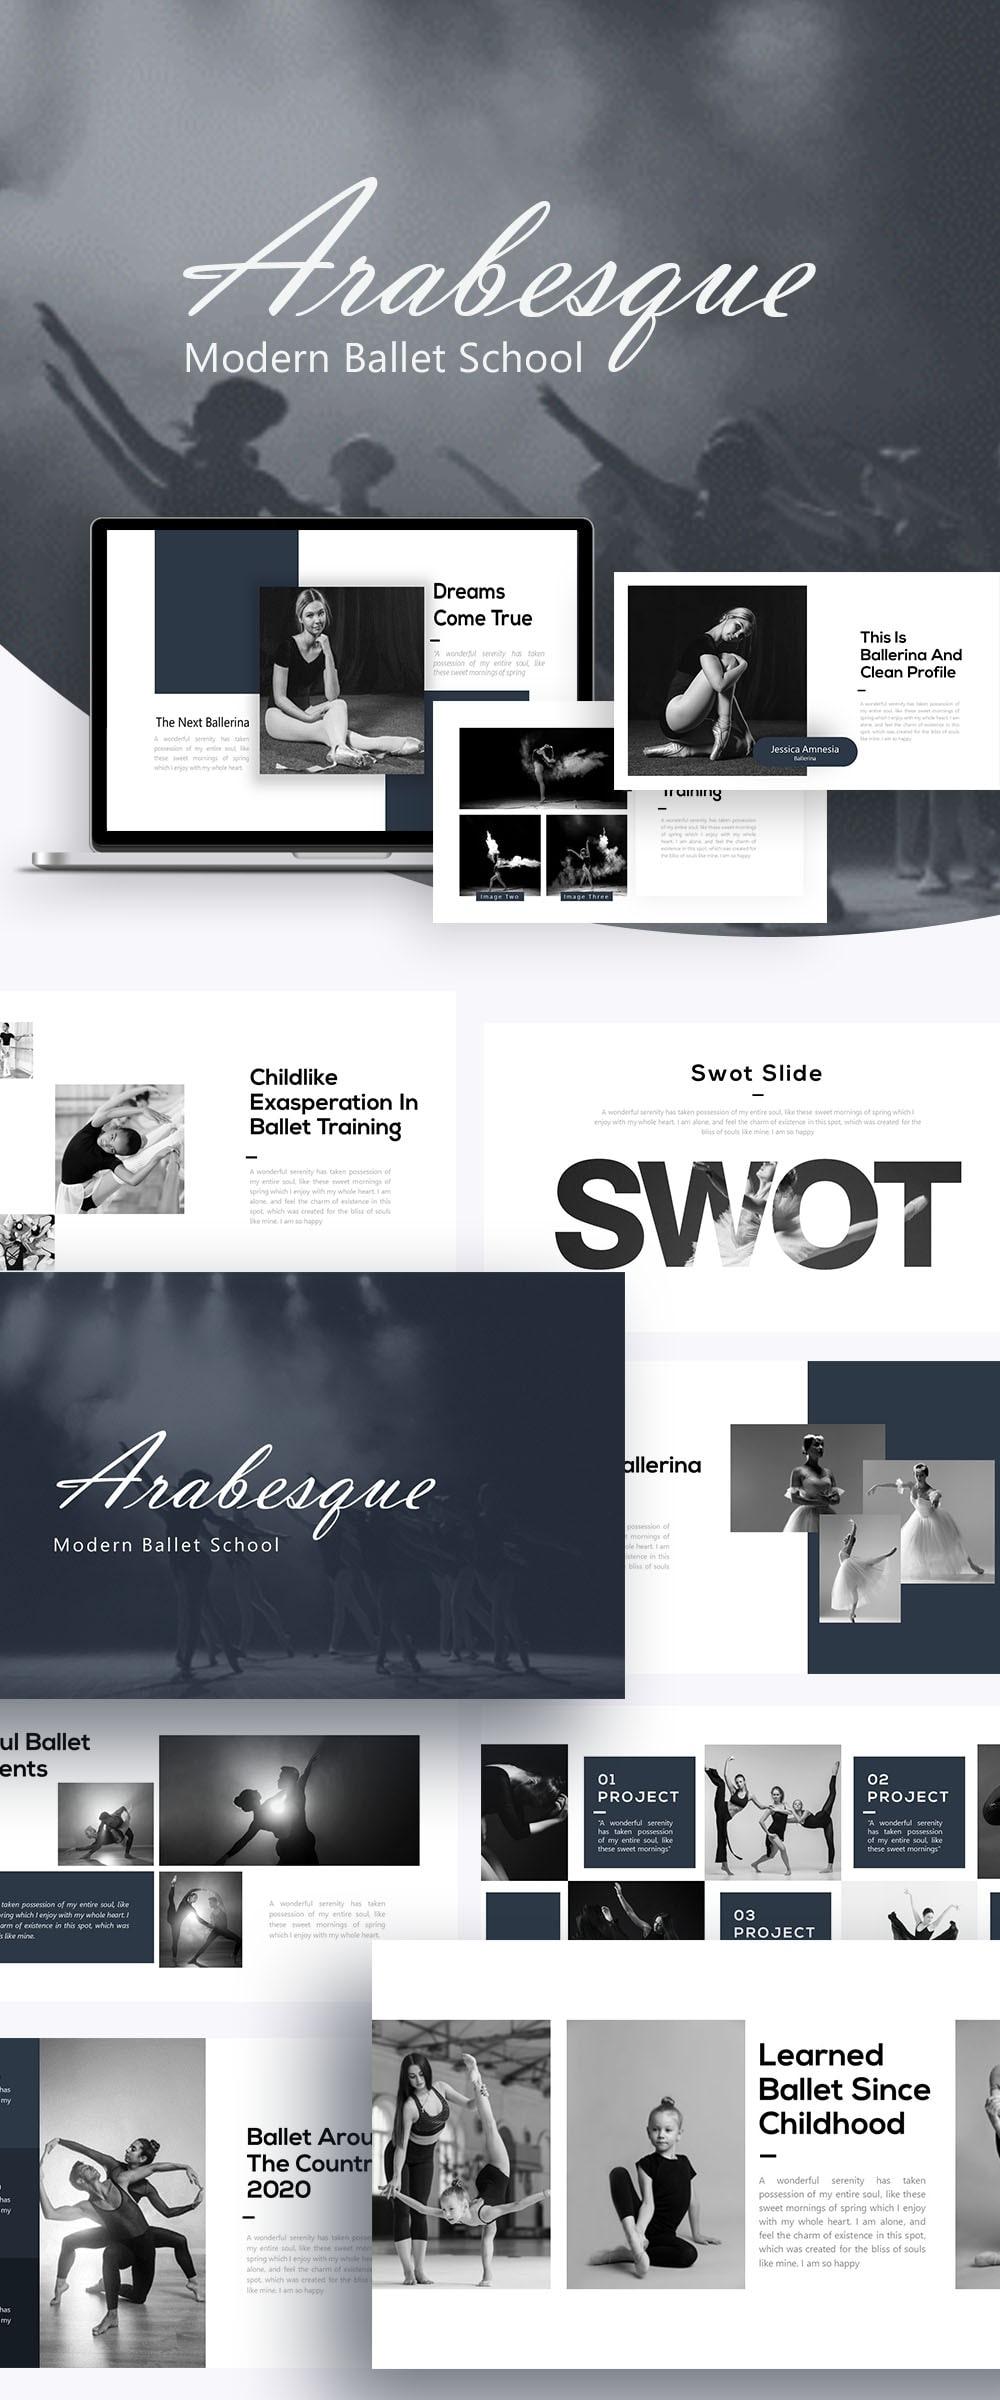 Free Arabesque Ballet PowerPoint